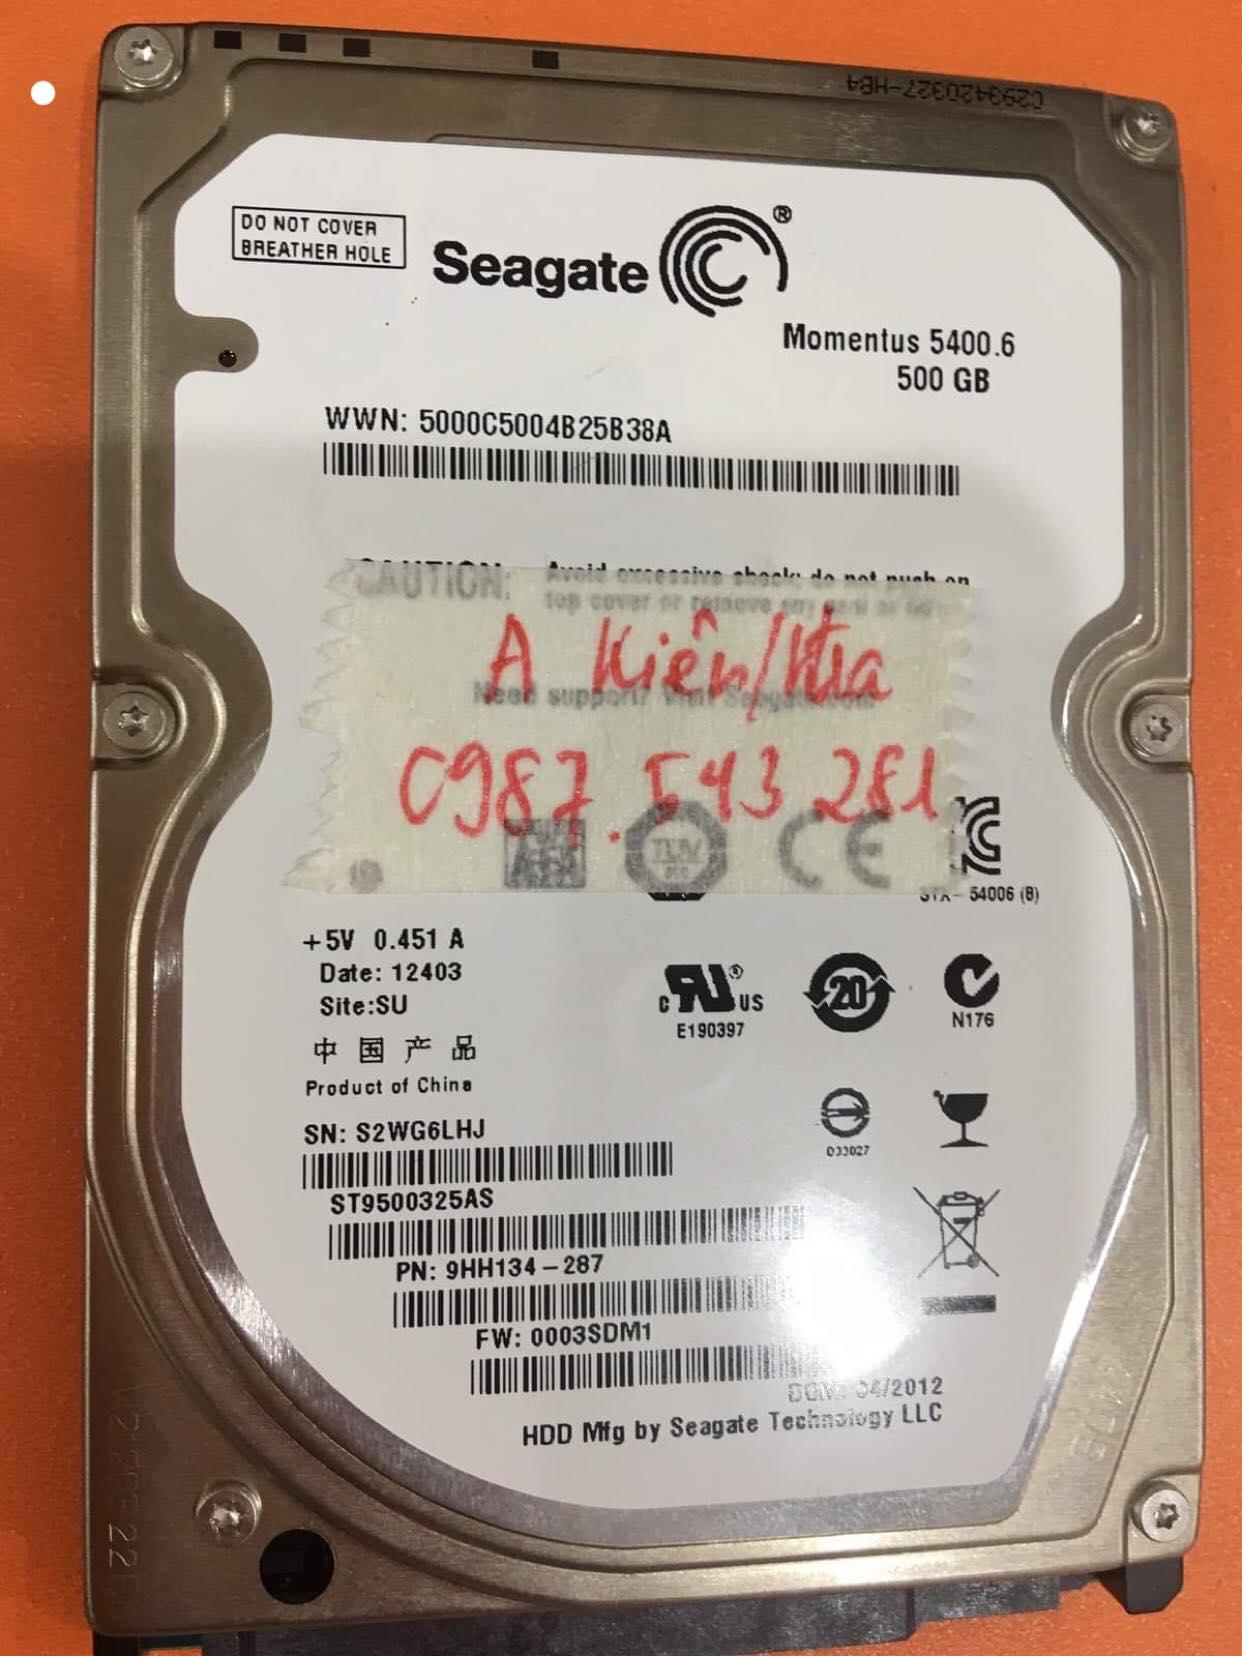 Phục hồi dữ liệu ổ cứng Seagate 500GB lỗi đầu đọc 08/07/2019 - cuumaytinh